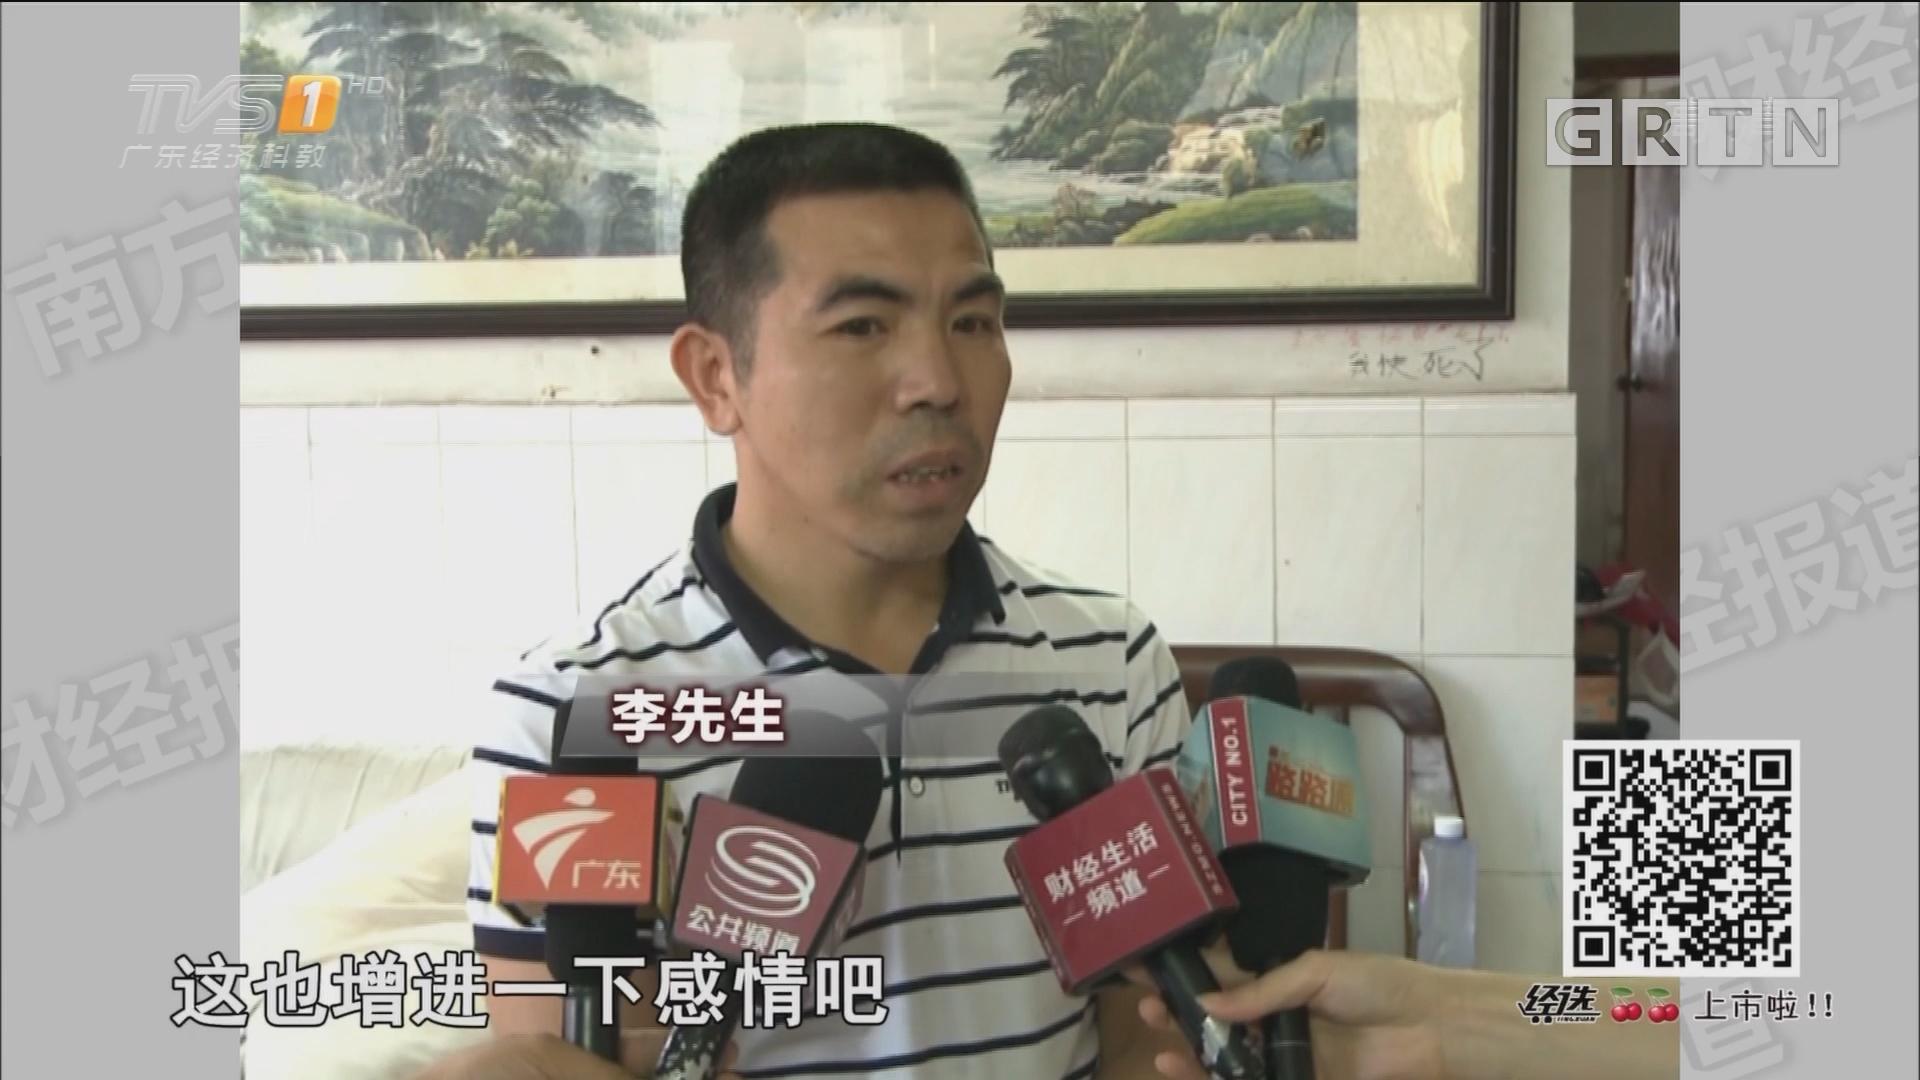 深圳:12岁熊孩子玩游戏 10分钟花3万元